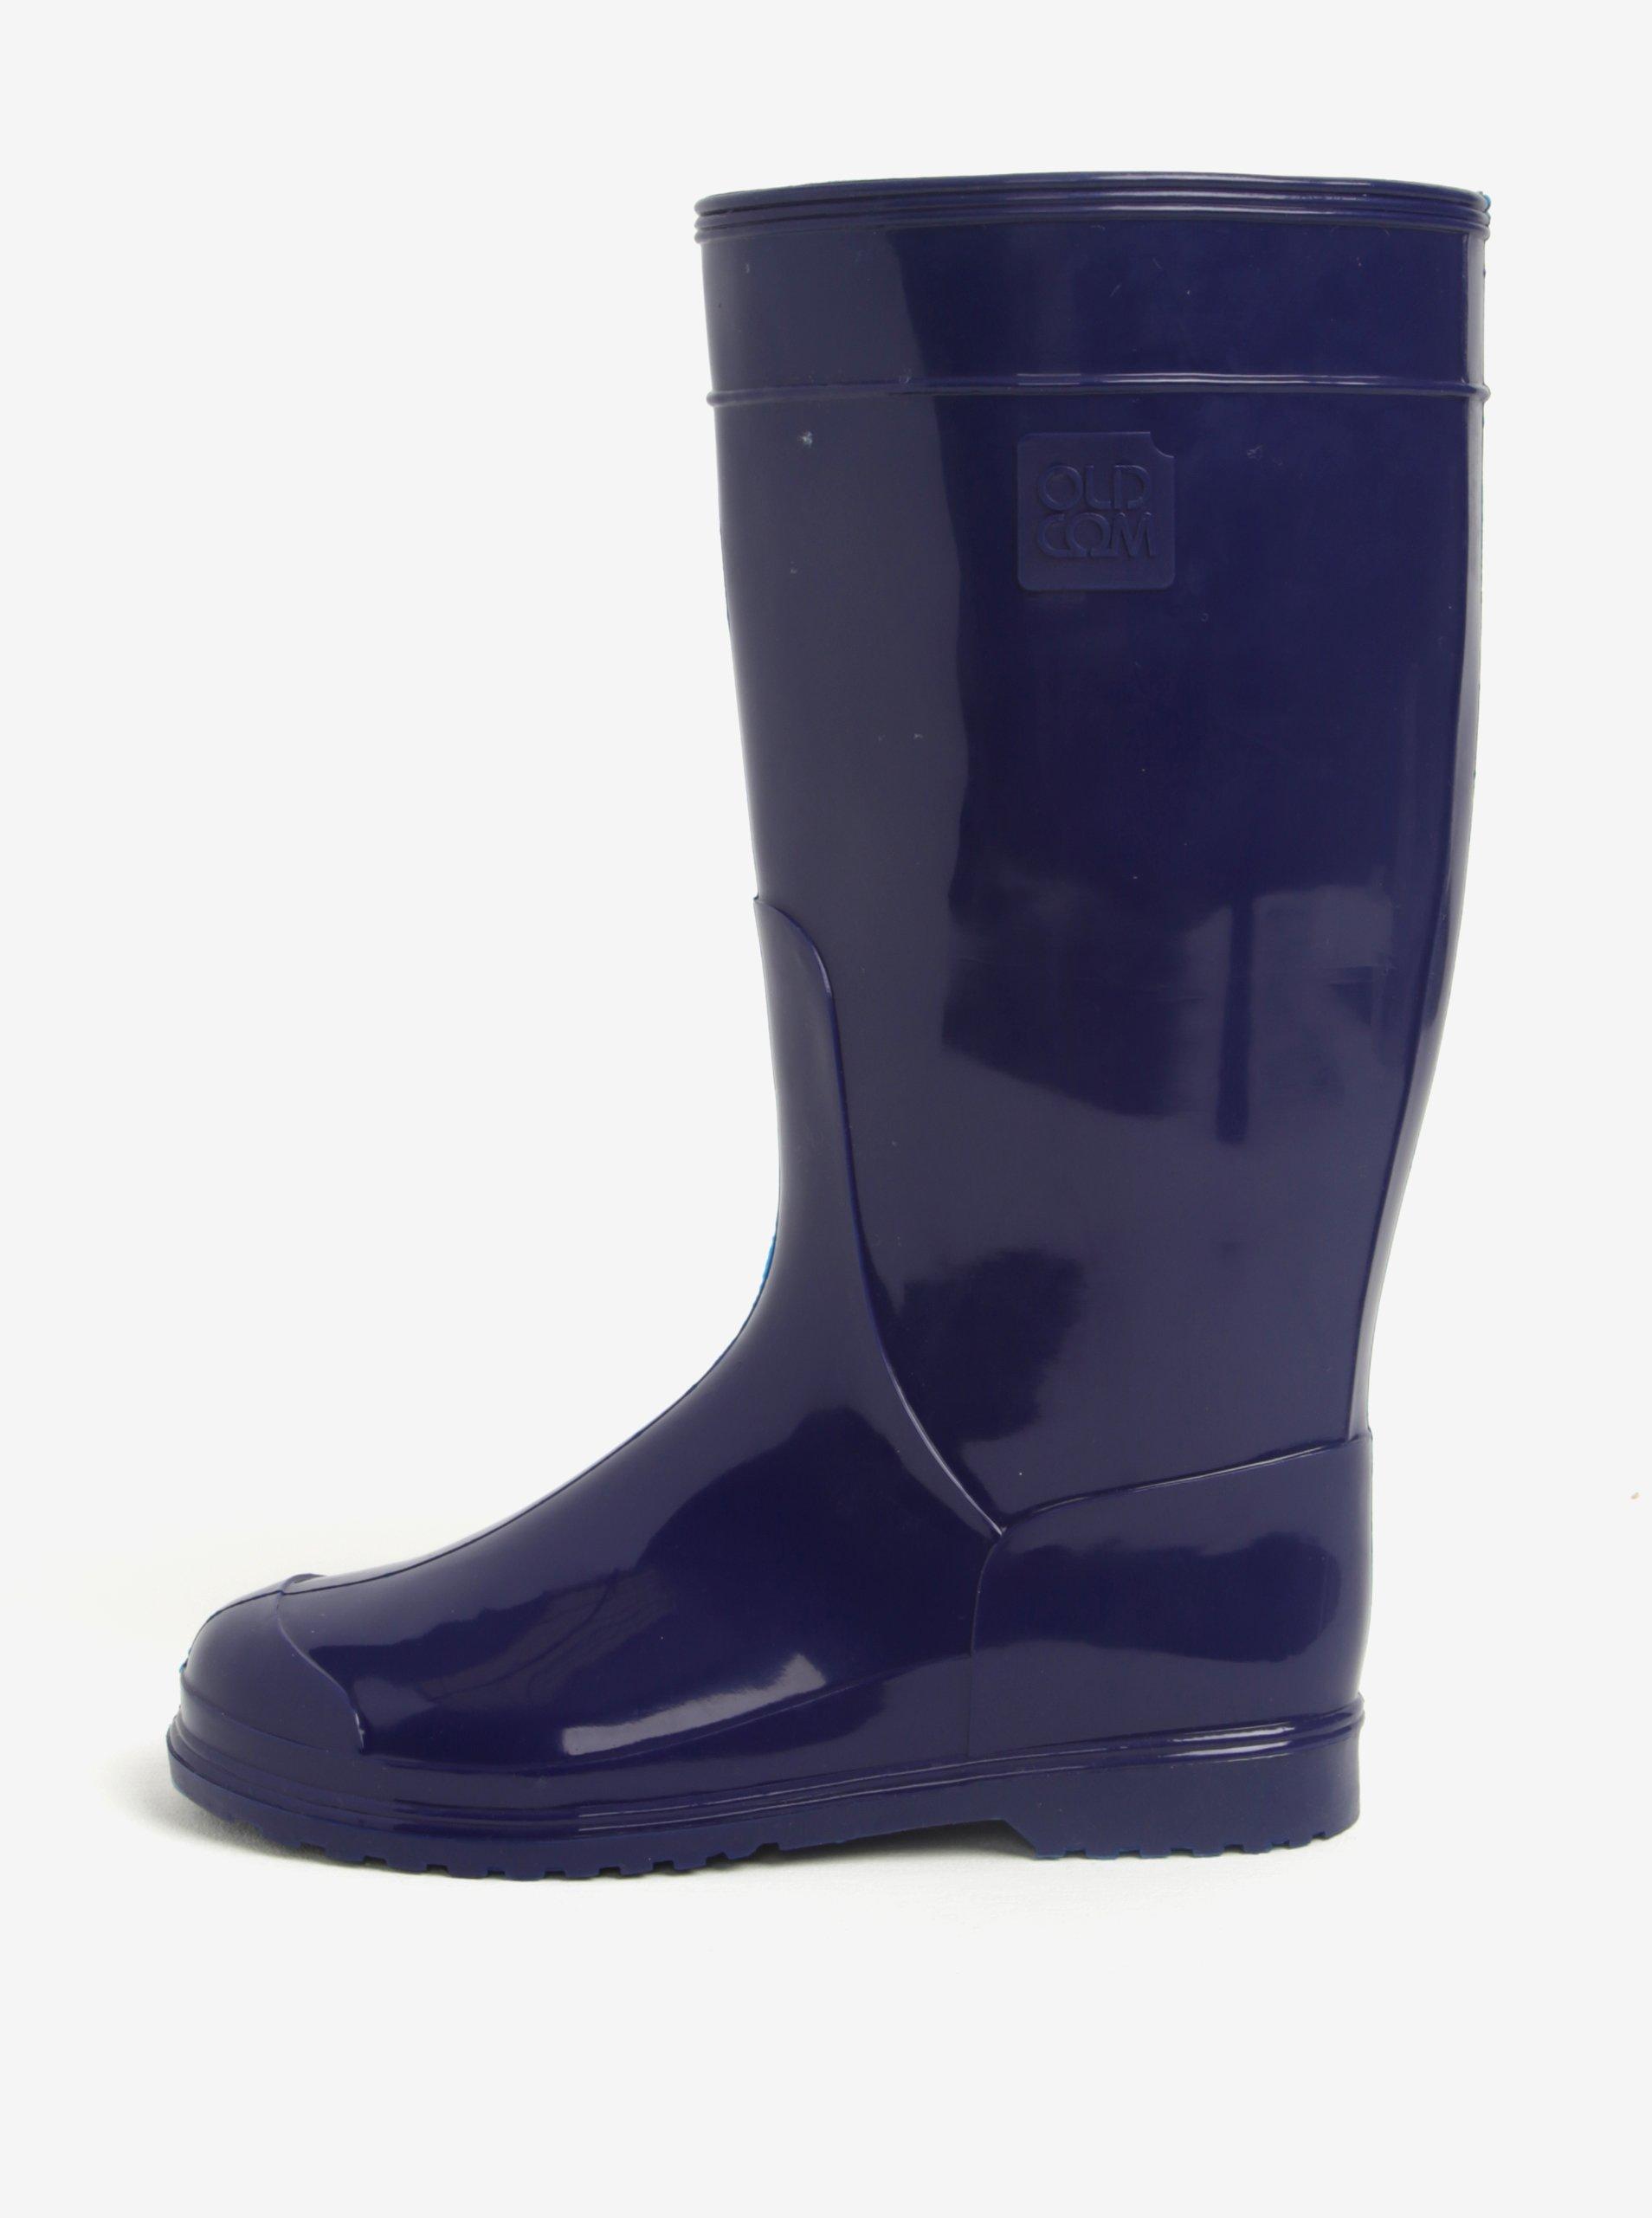 Tmavě modré dámské holínky Oldcom Classic